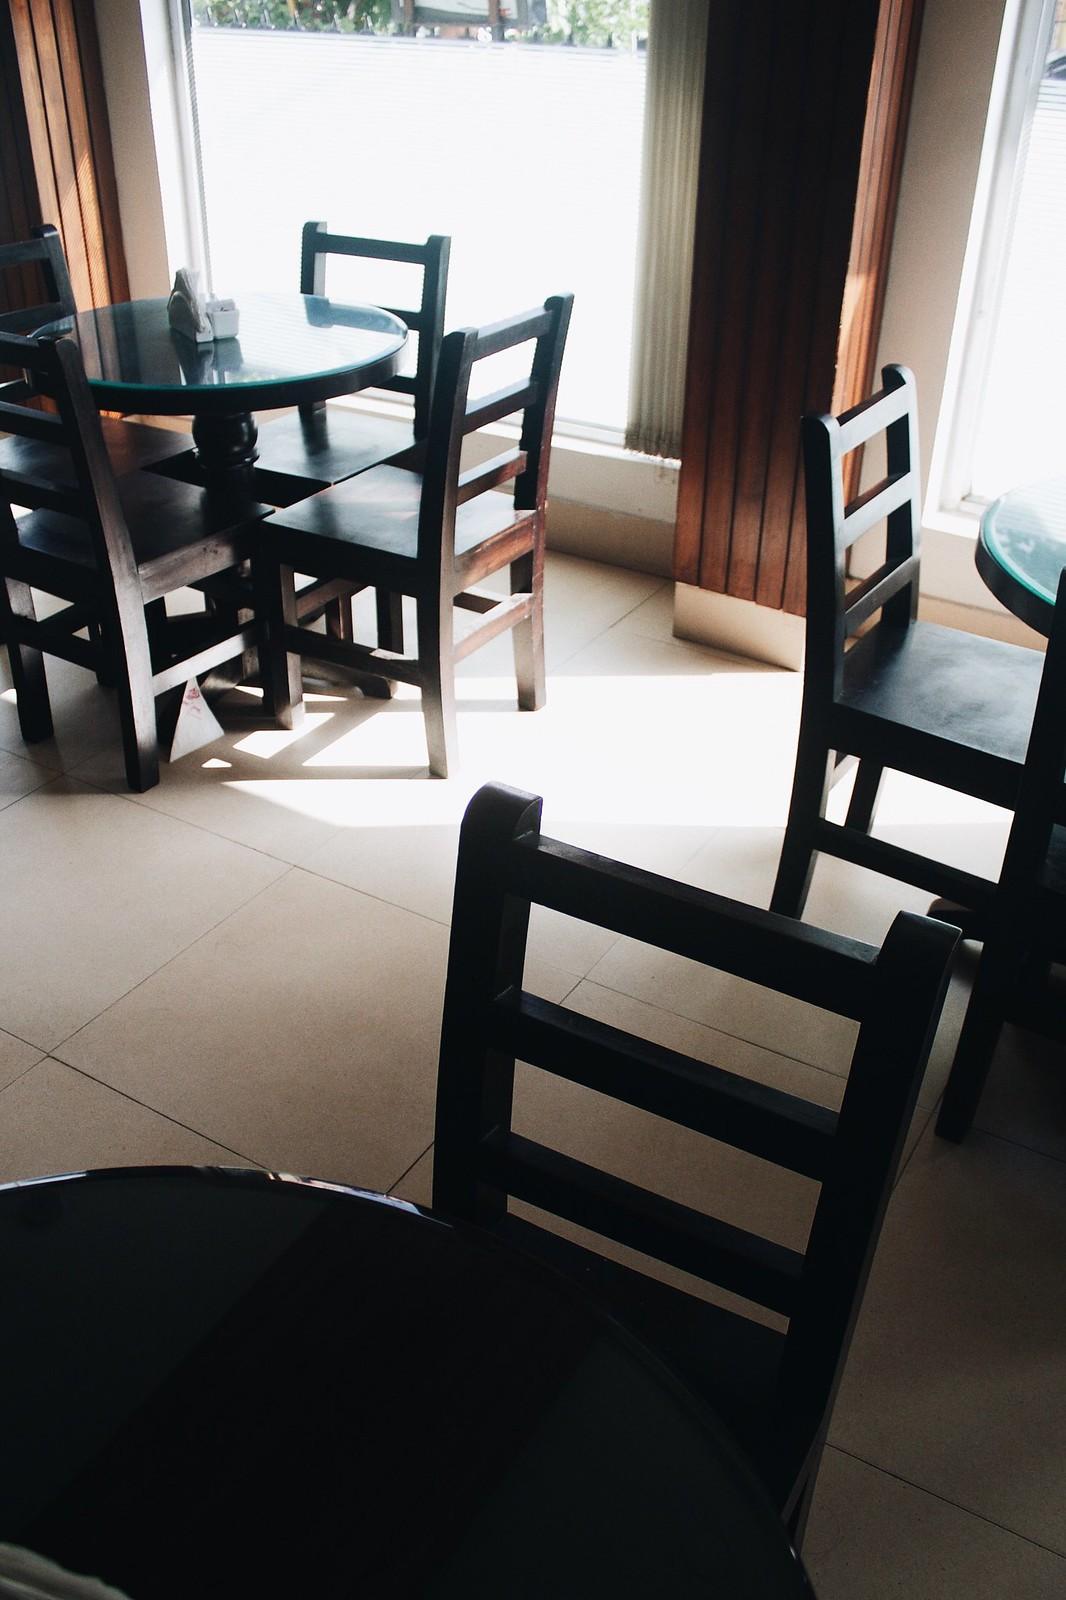 Patisserie Opera Cafe Guwahati